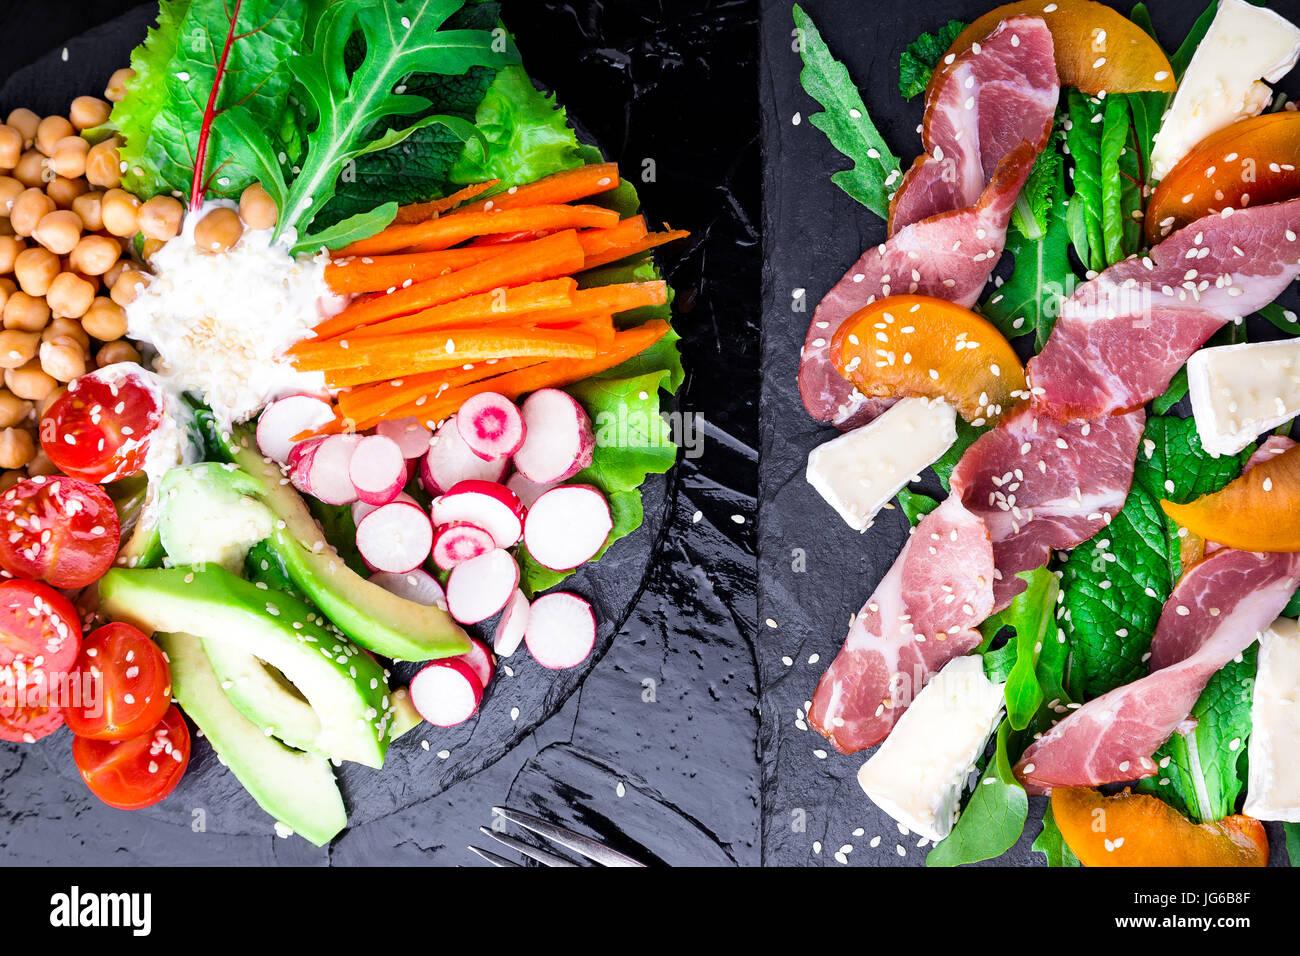 Zwei verschiedene Salate Om schwarzen Stein Schiefer. Vegane Salat. Fleisch-Salat. Salat mit Schinken Jamon Serrano, Camembert, Melone und Rucola. Ansicht von oben Stockfoto